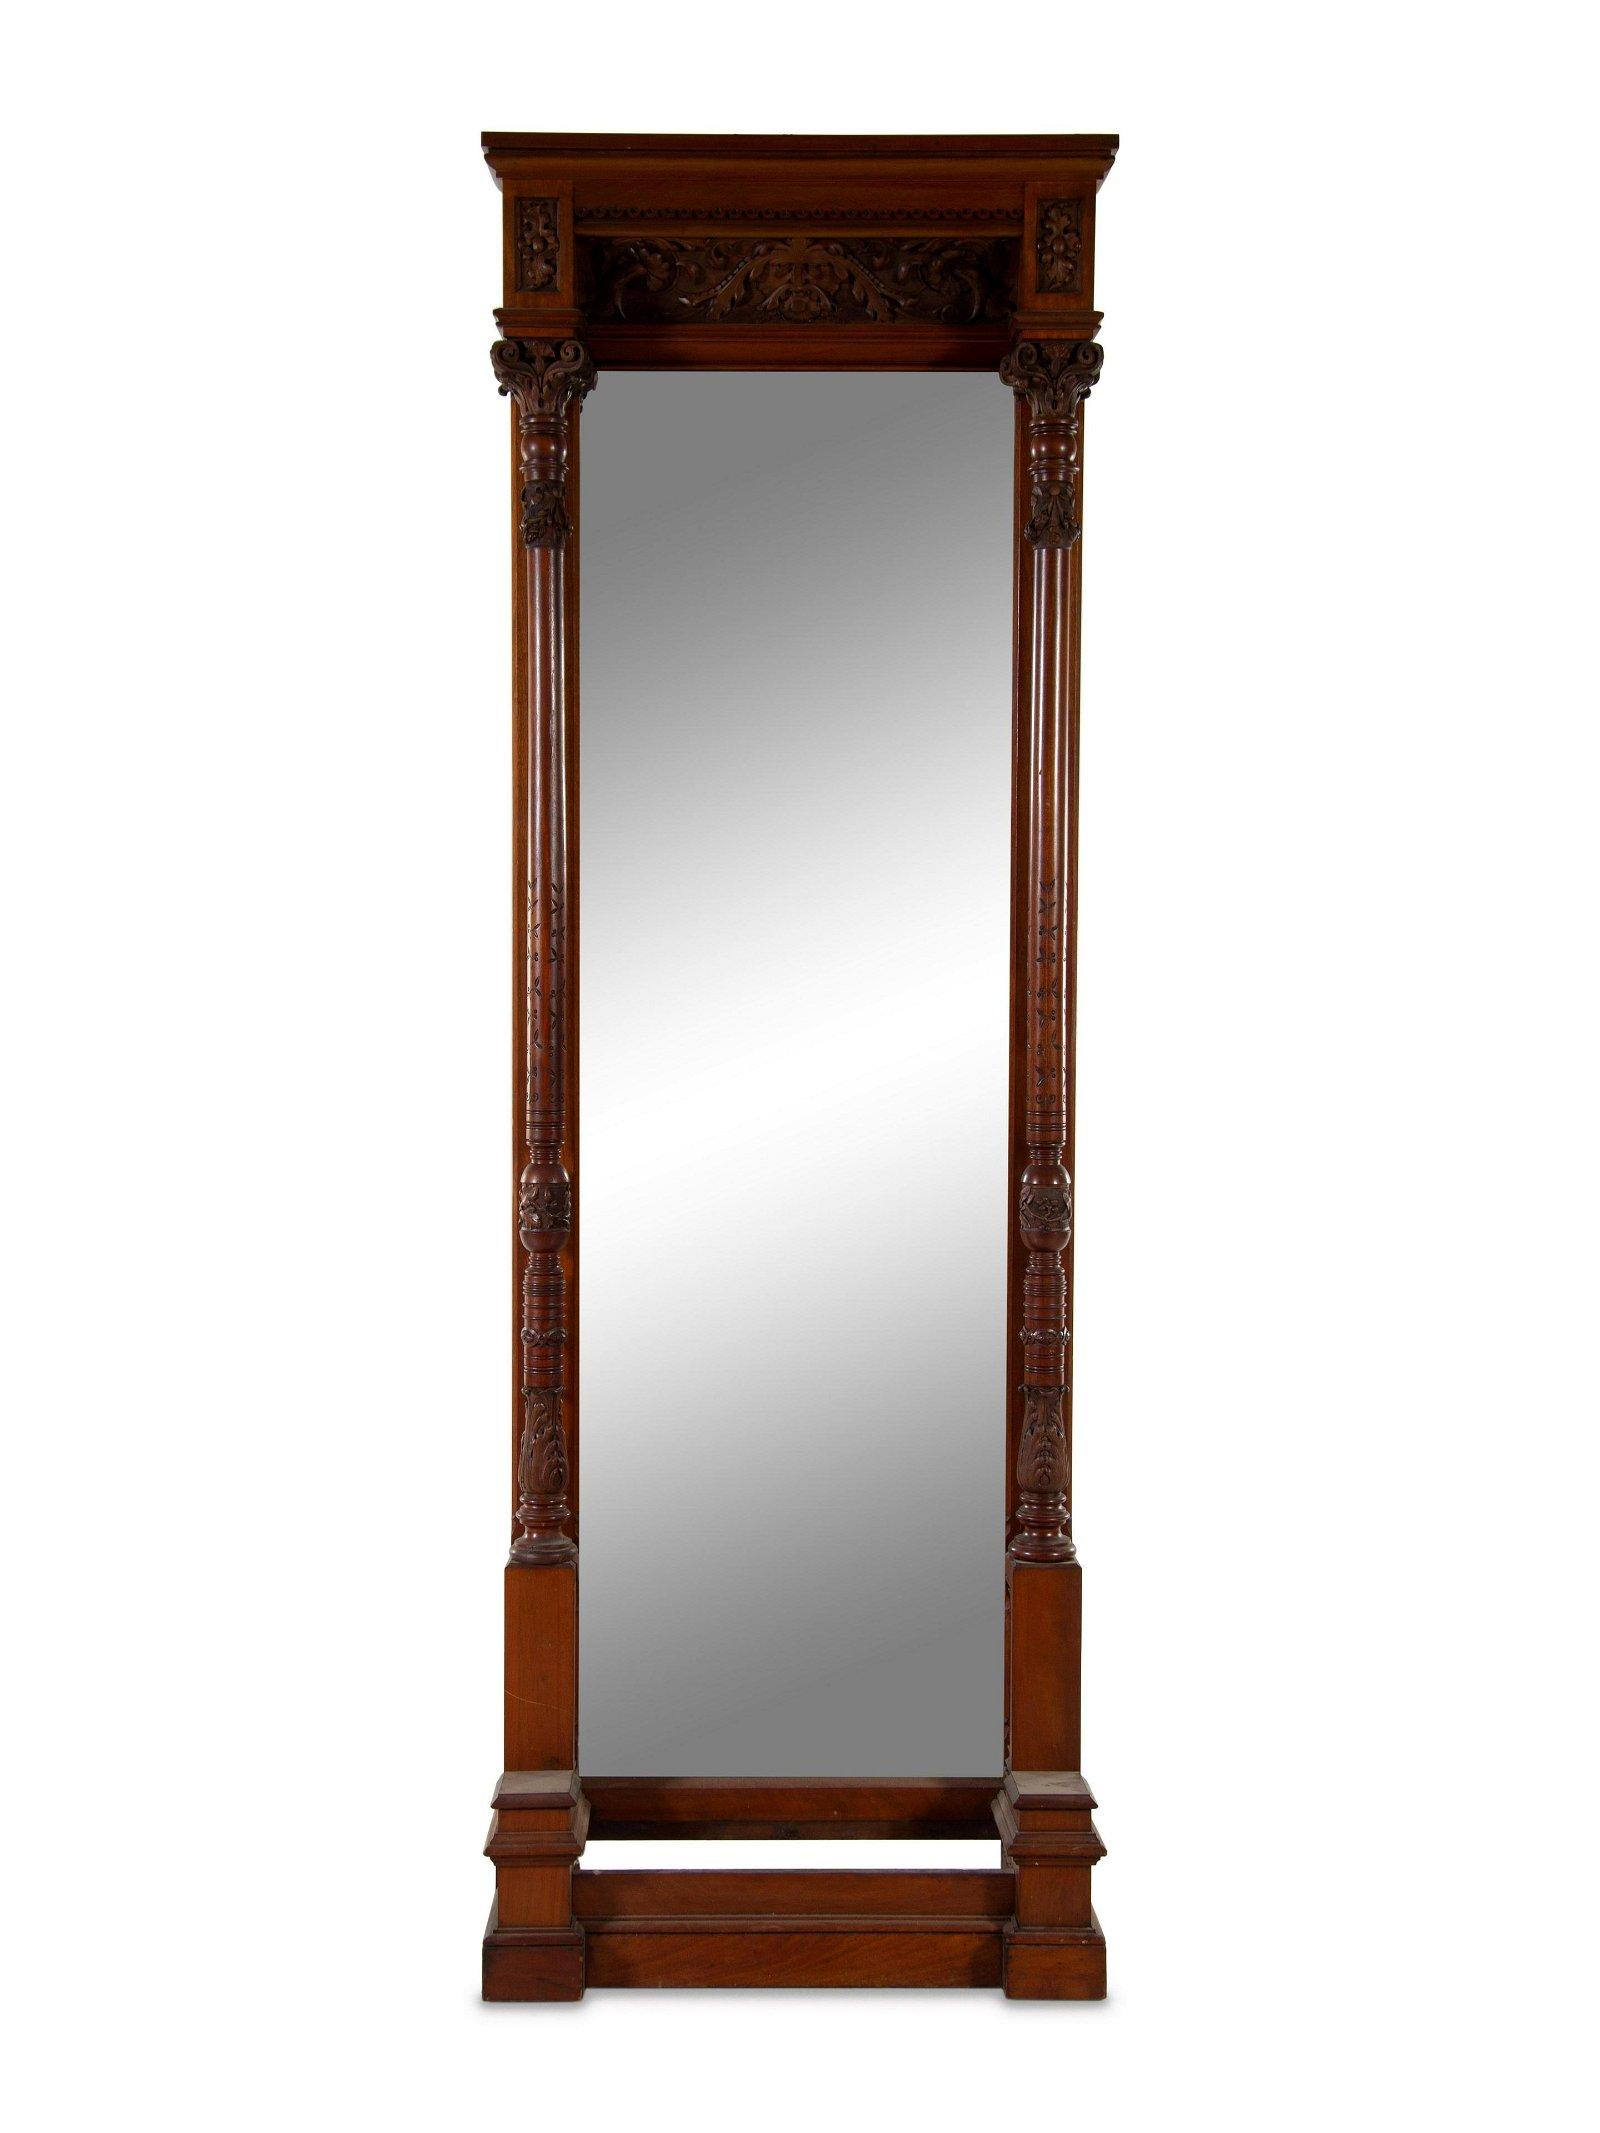 A Victorian Walnut Pier Mirror